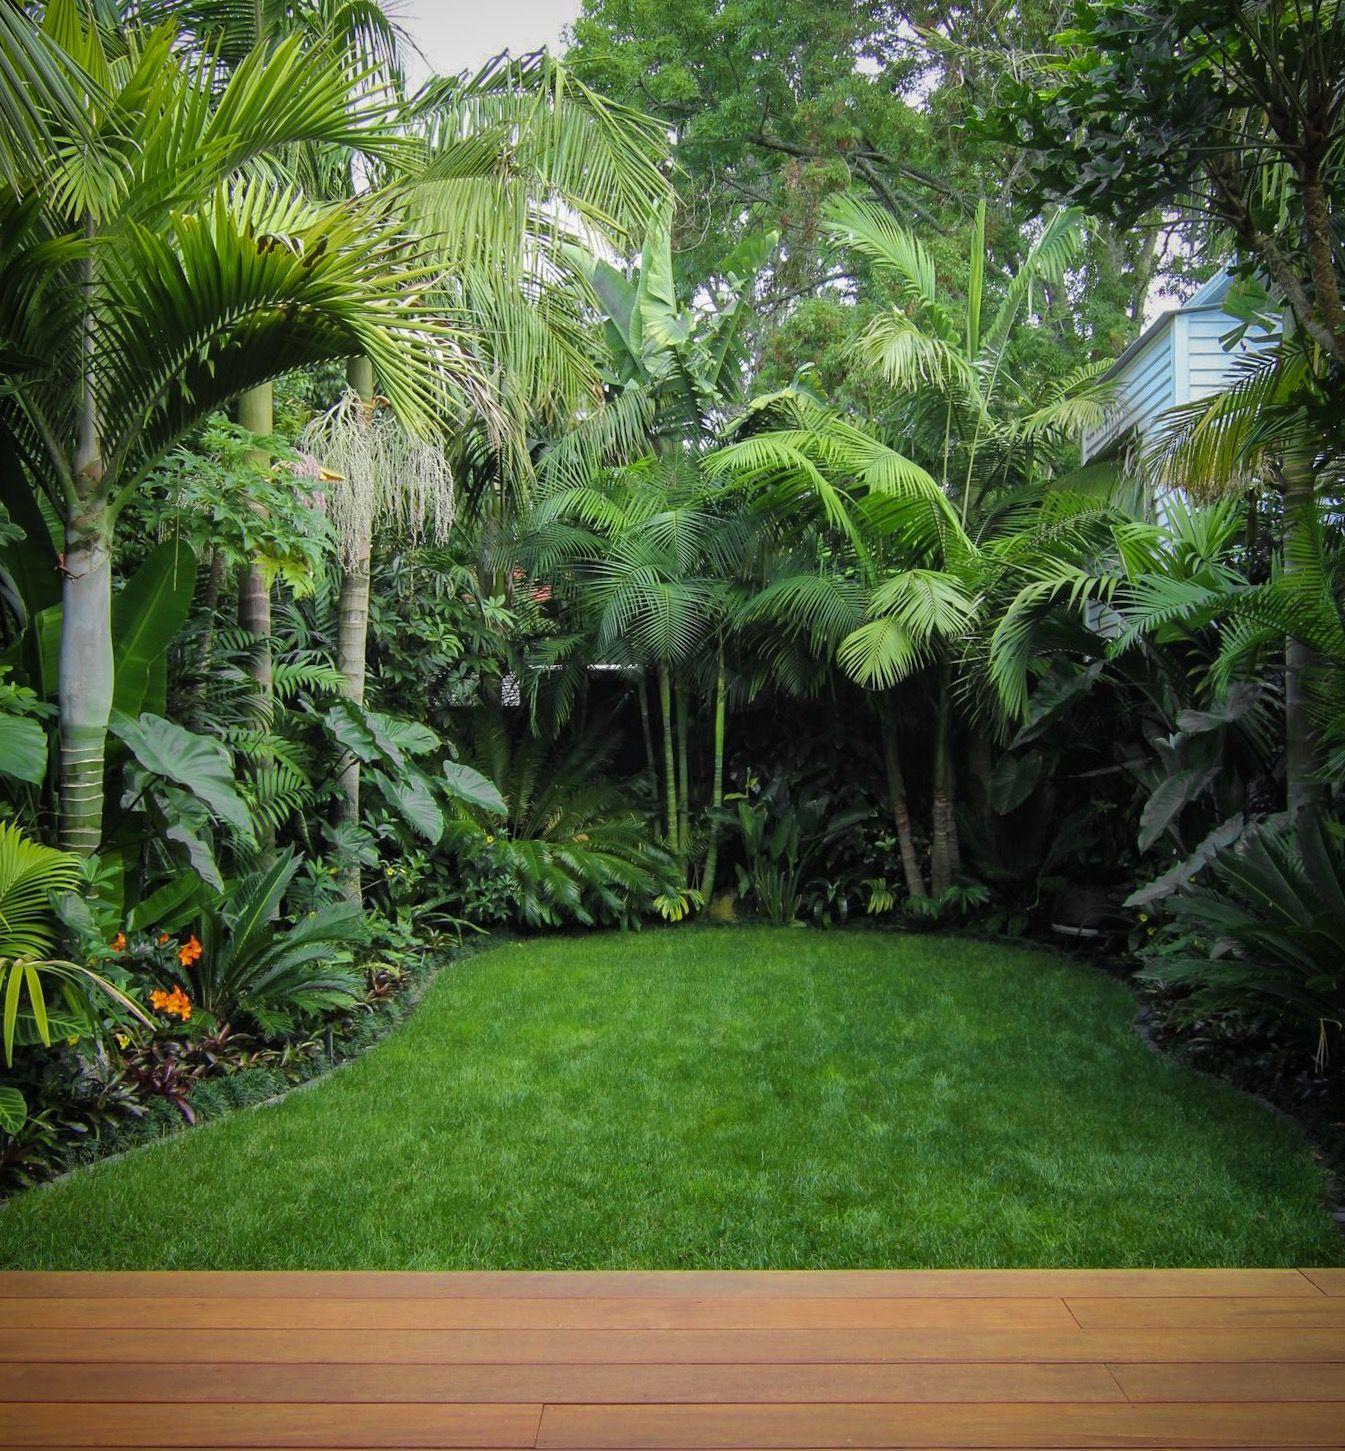 Subtropical Garden Bali Garden Backyard Tropical Plants